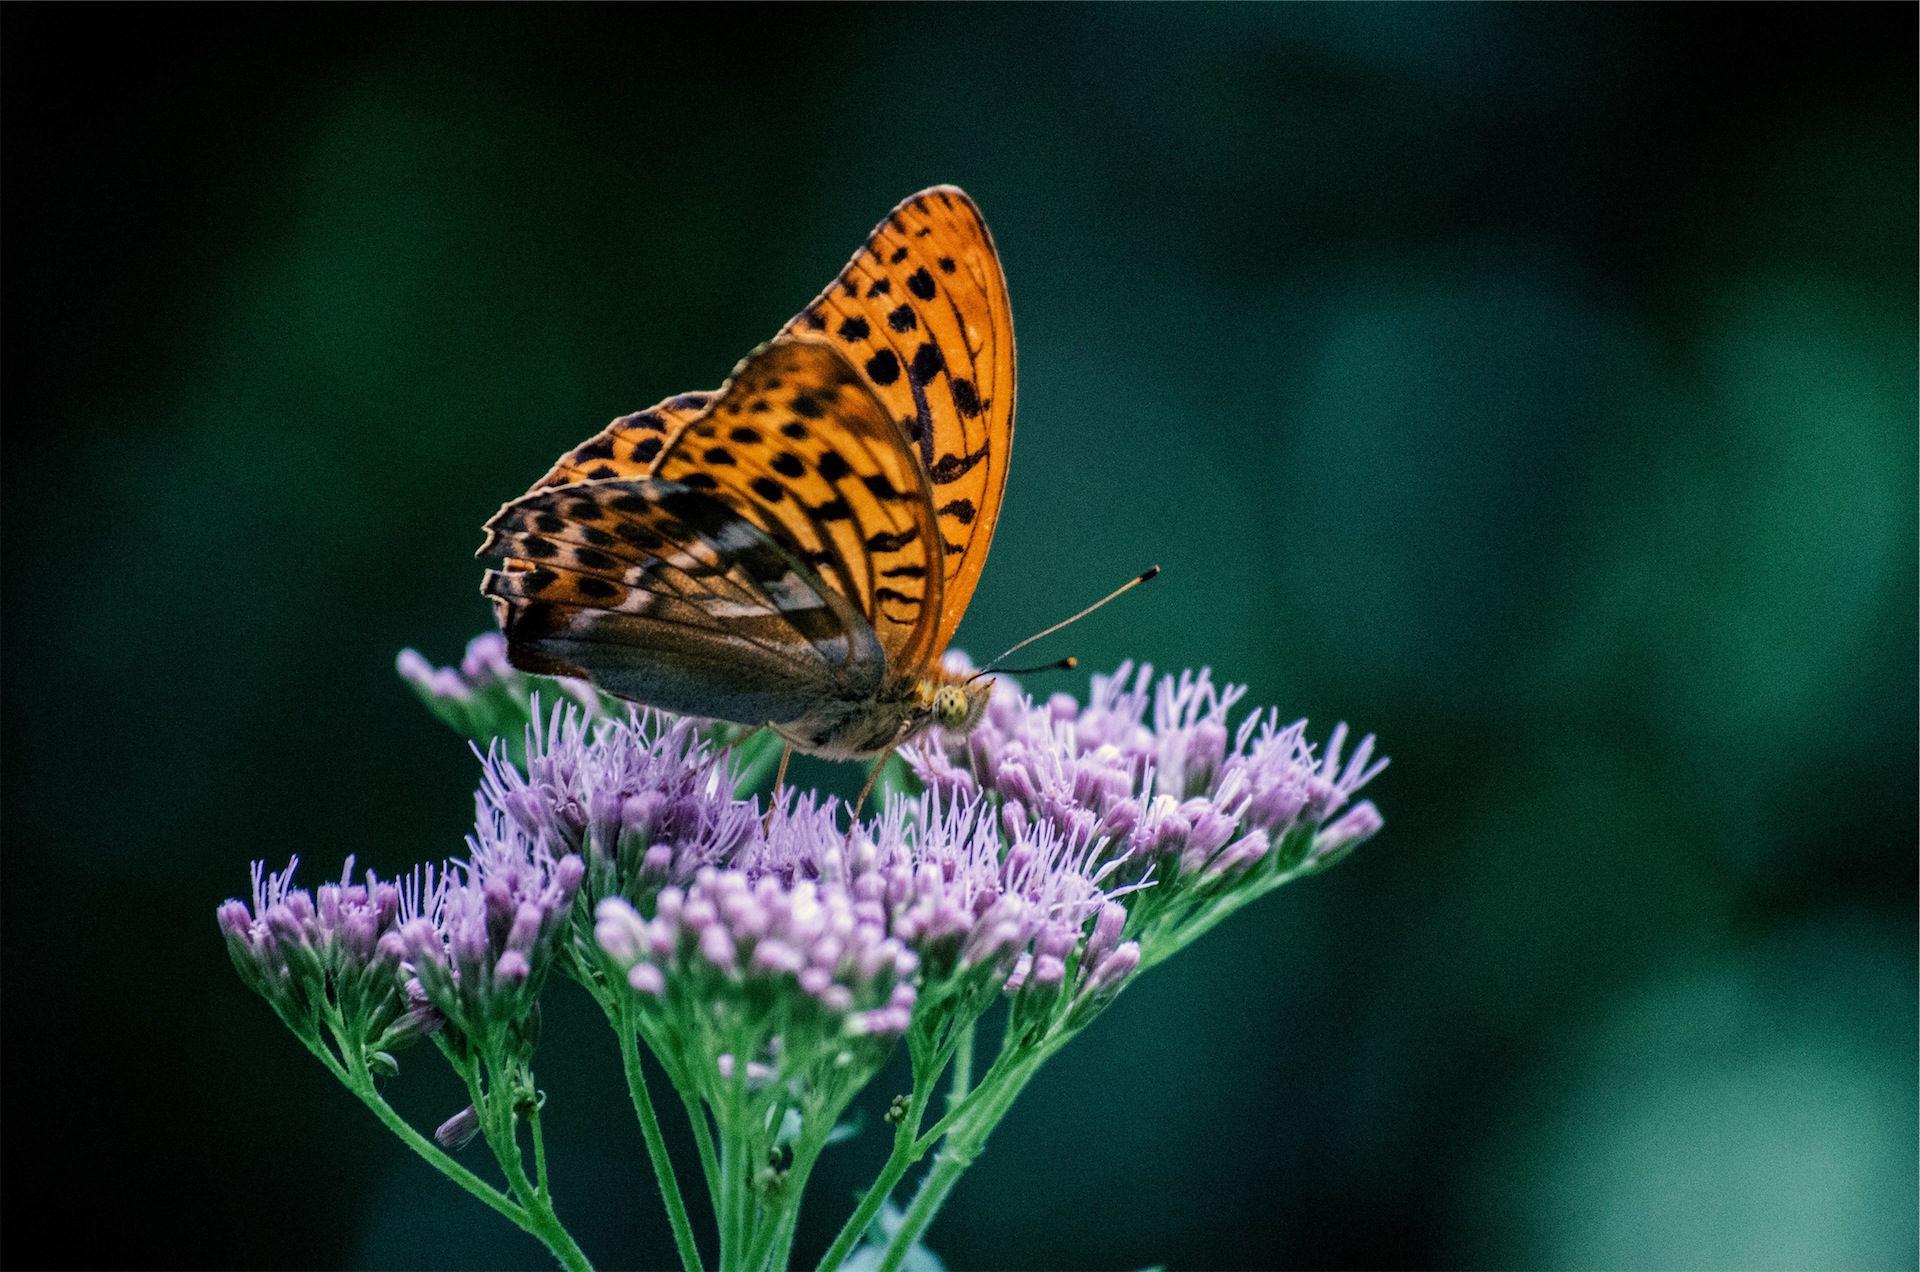 Πεταλούδα, λουλούδια, φτερά, ομορφιά, έντομο - Wallpapers HD - Professor-falken.com